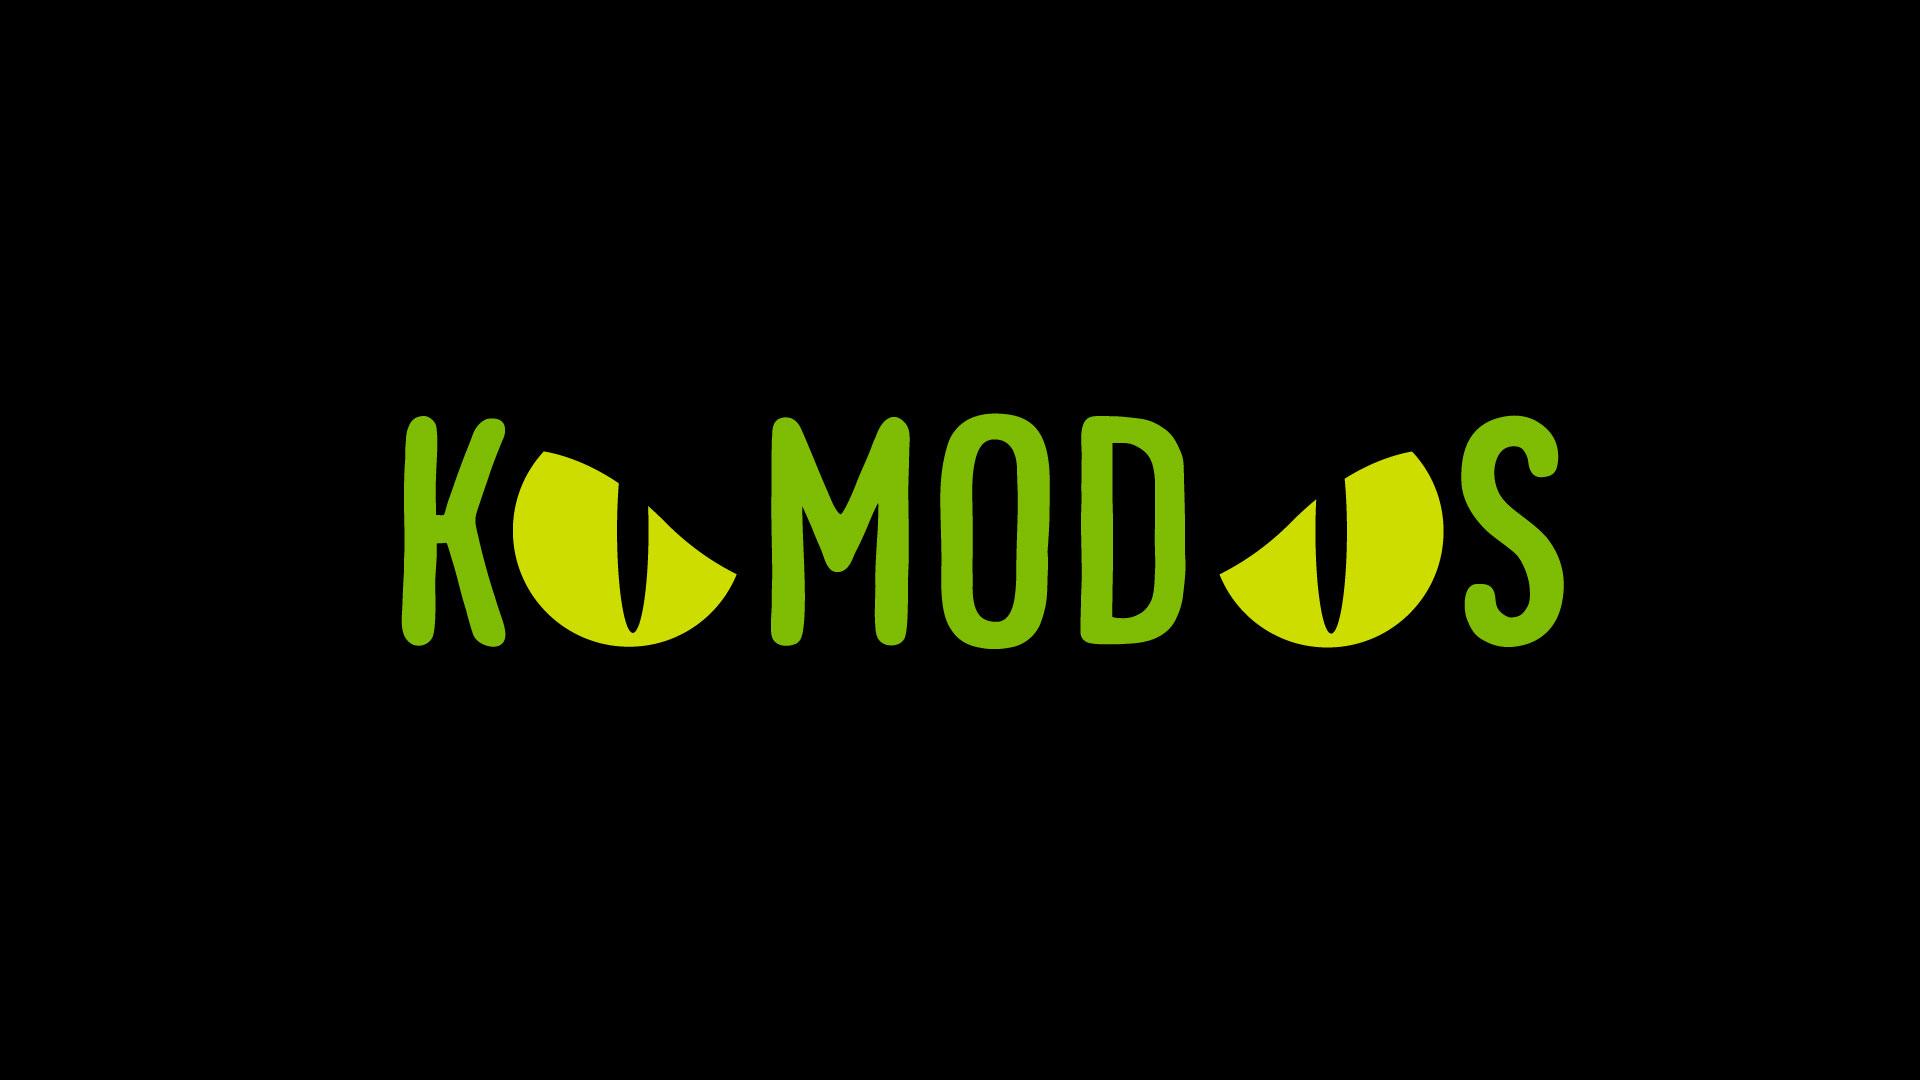 MET-Komodos-eyes.jpg